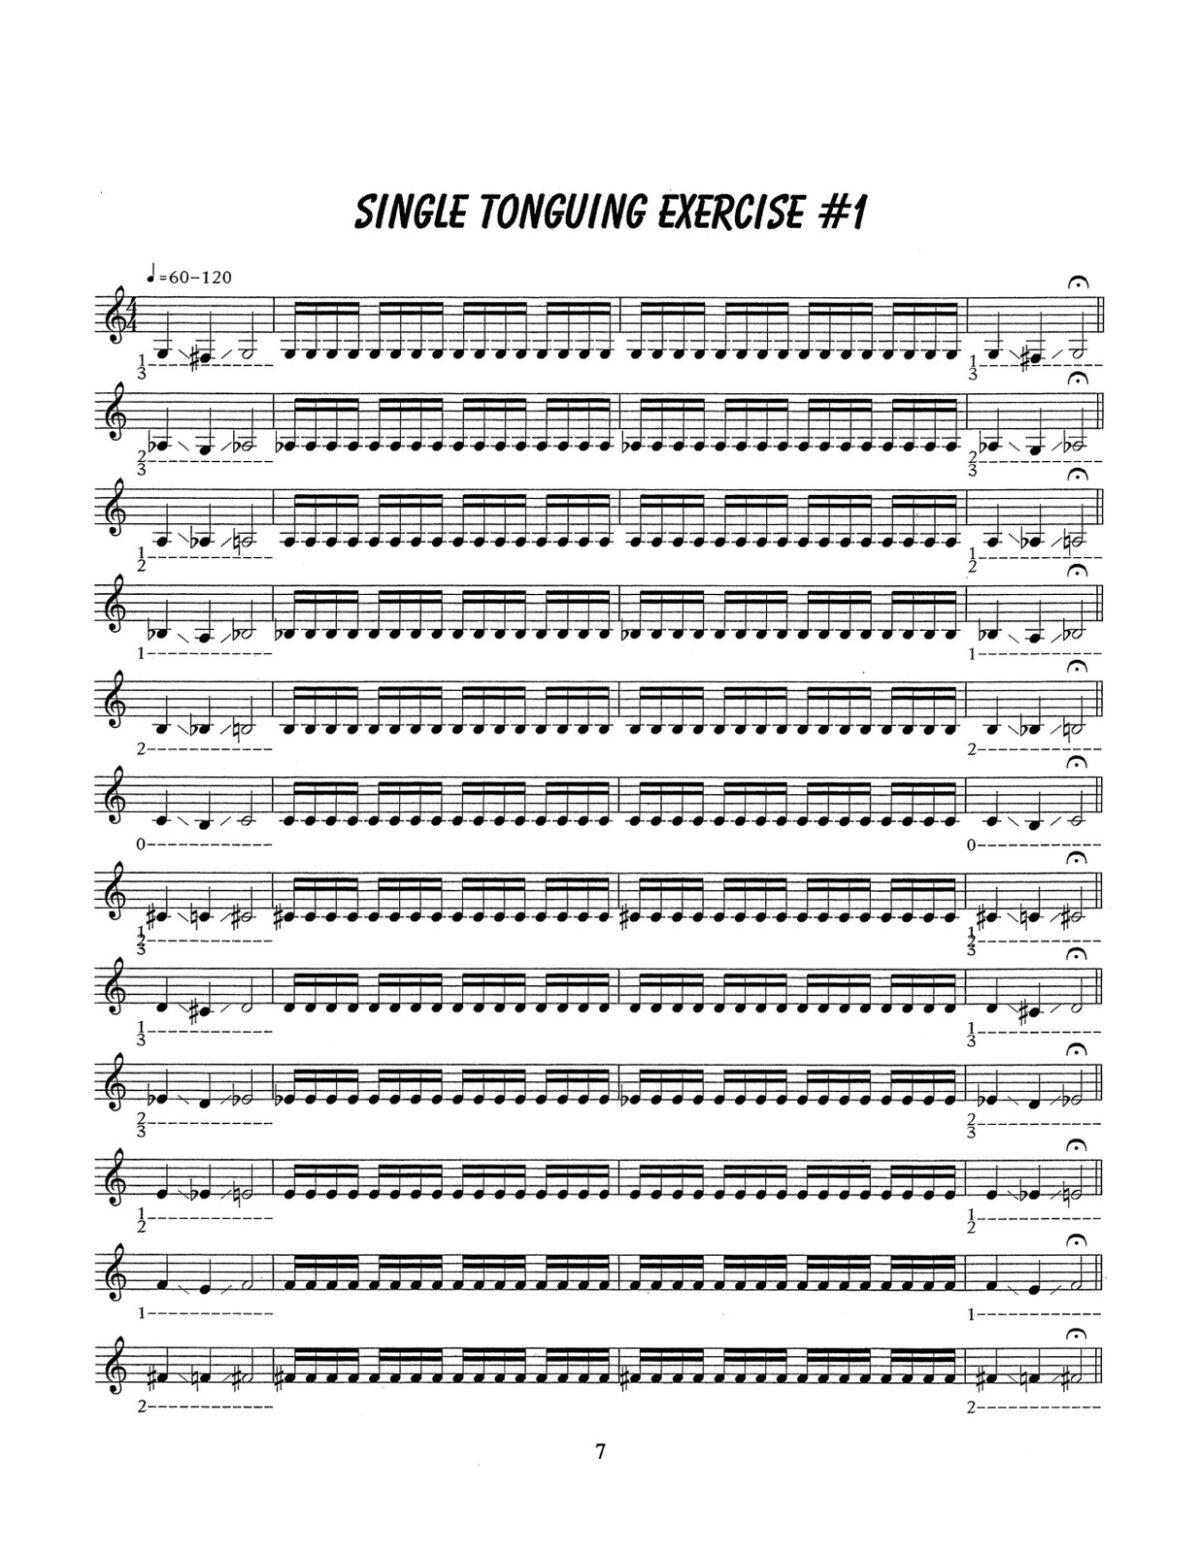 D'Aveni, Jazz Trumpet Technique Vol.5 Warming Up-p09